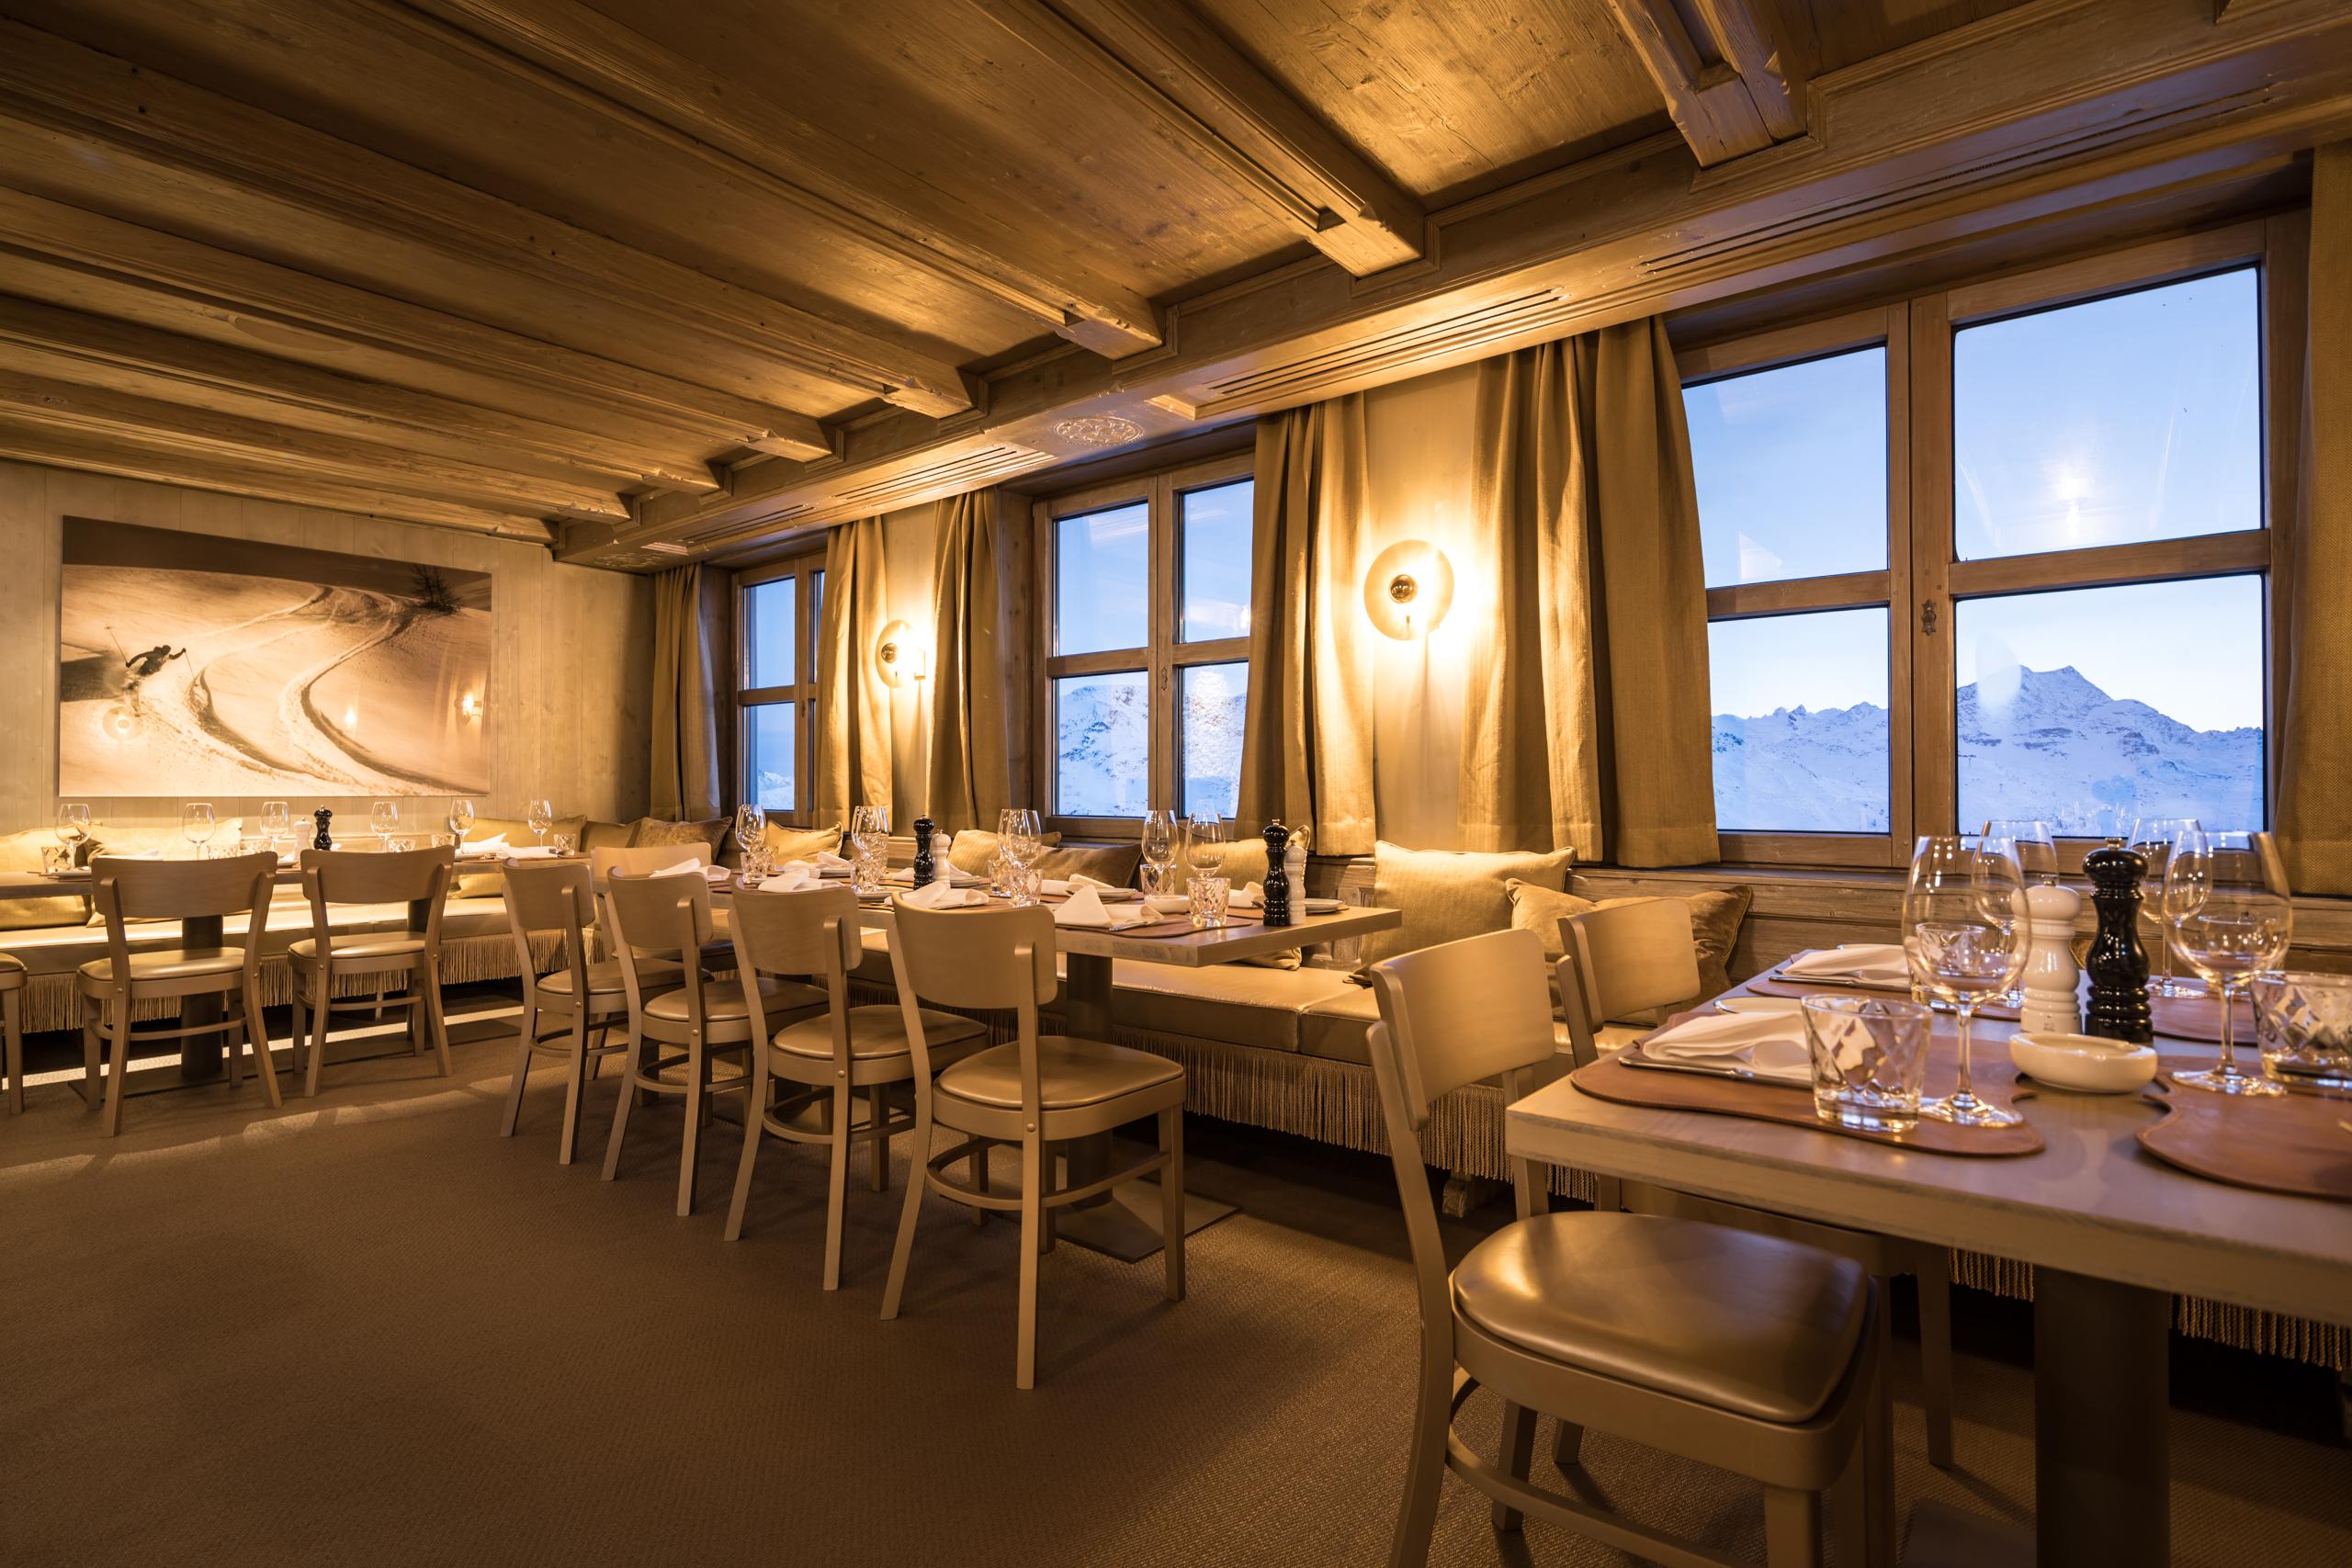 White Marmot Restaurant & Bar Slide 2